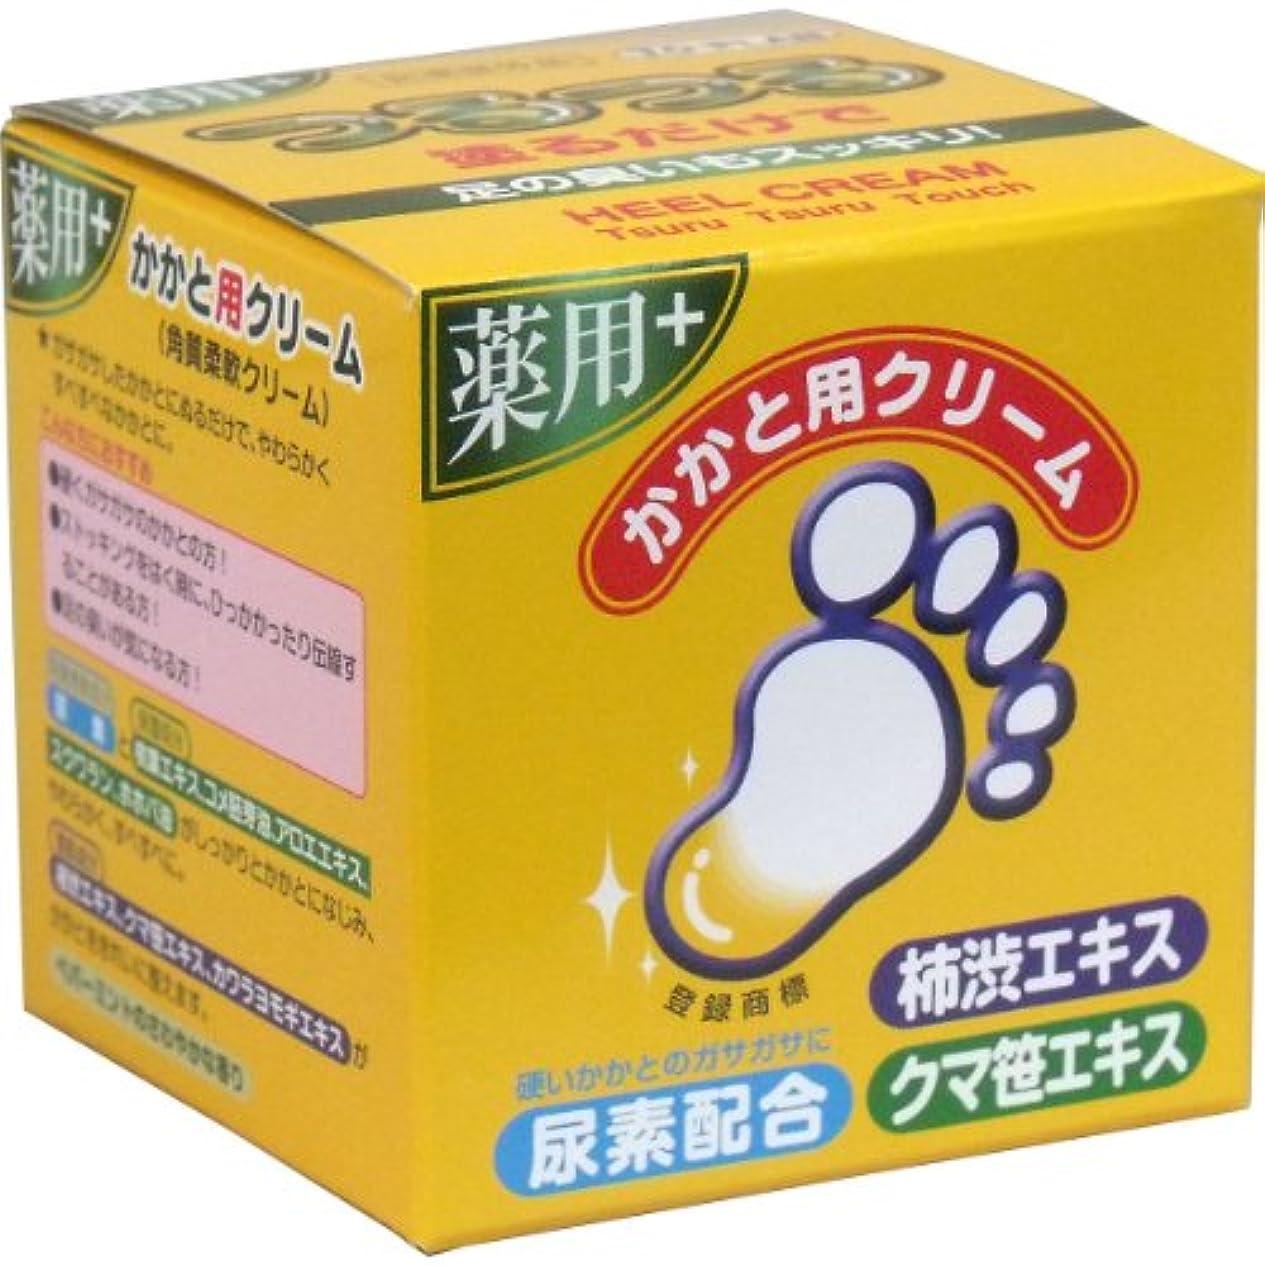 ゴミ箱調整ベジタリアントプラン つるつる 薬用 かかと用クリーム 110g入2個セット